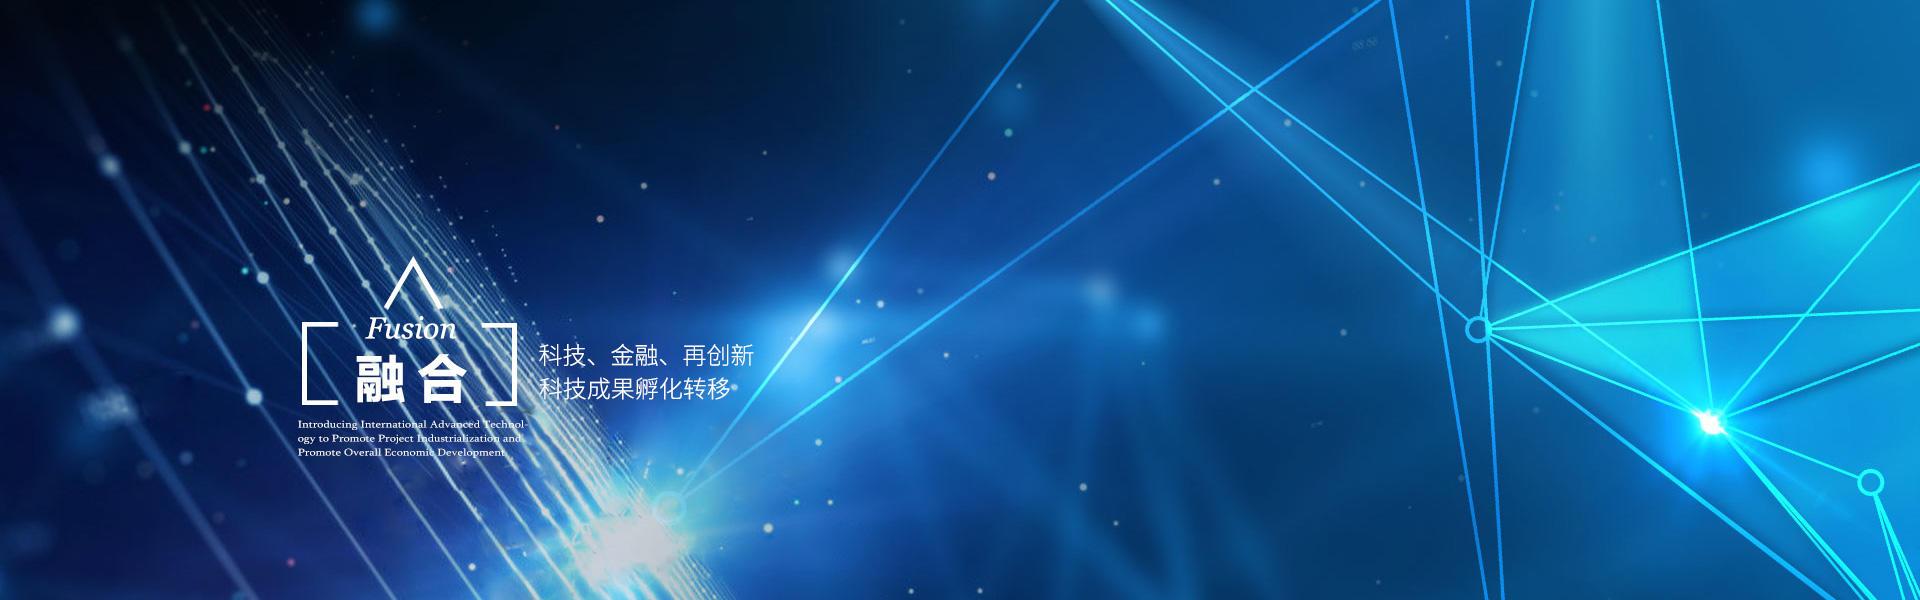 融合(Fusion):科技、金融、再创新,科技成果孵化转移